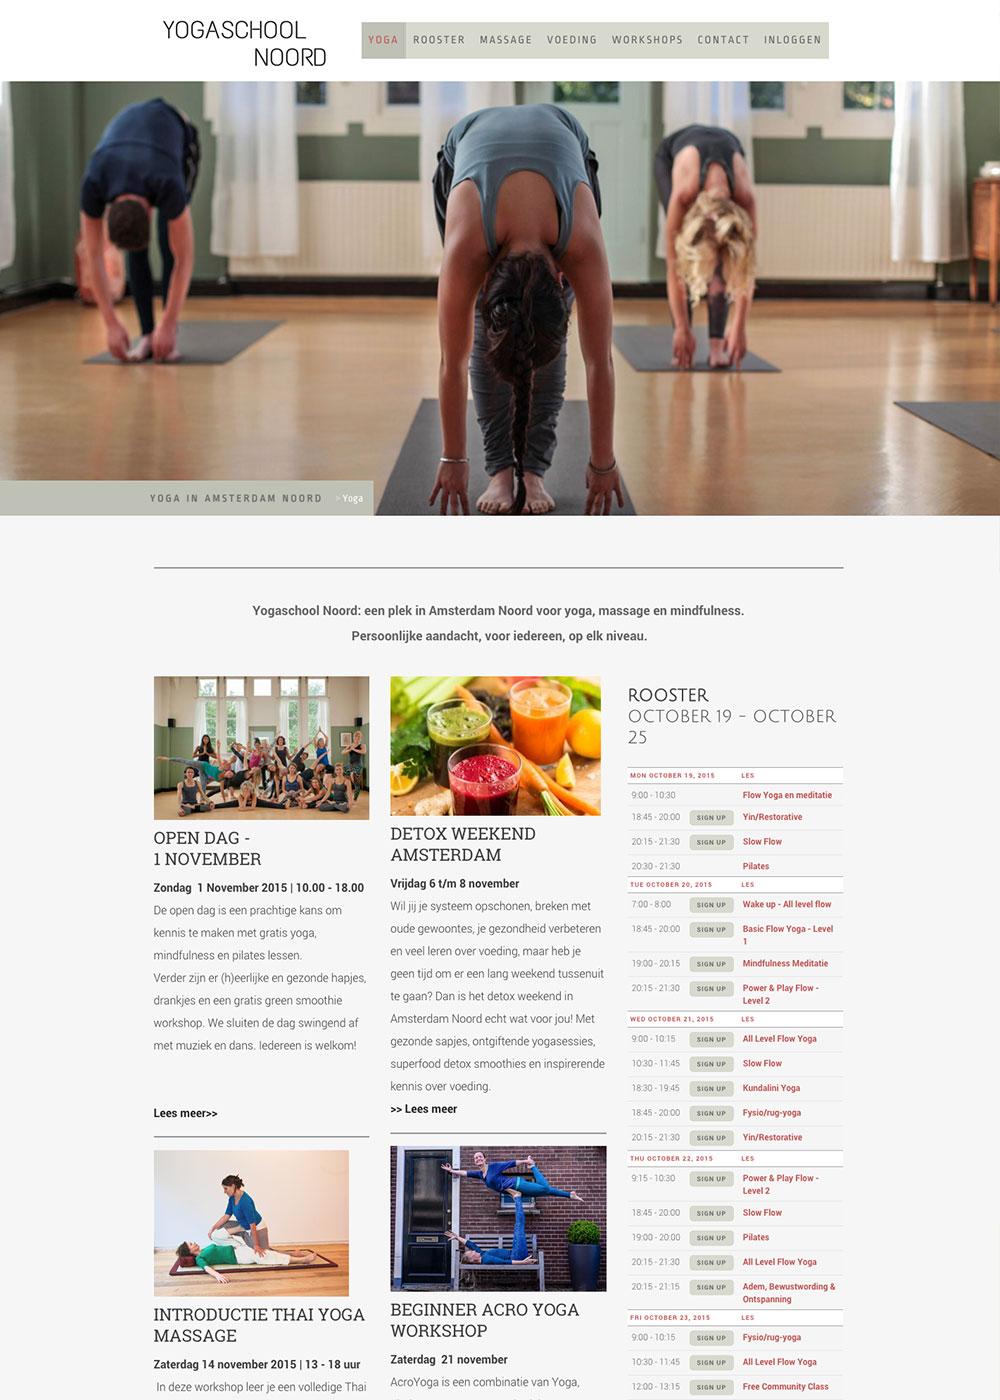 yogaschoolnoord